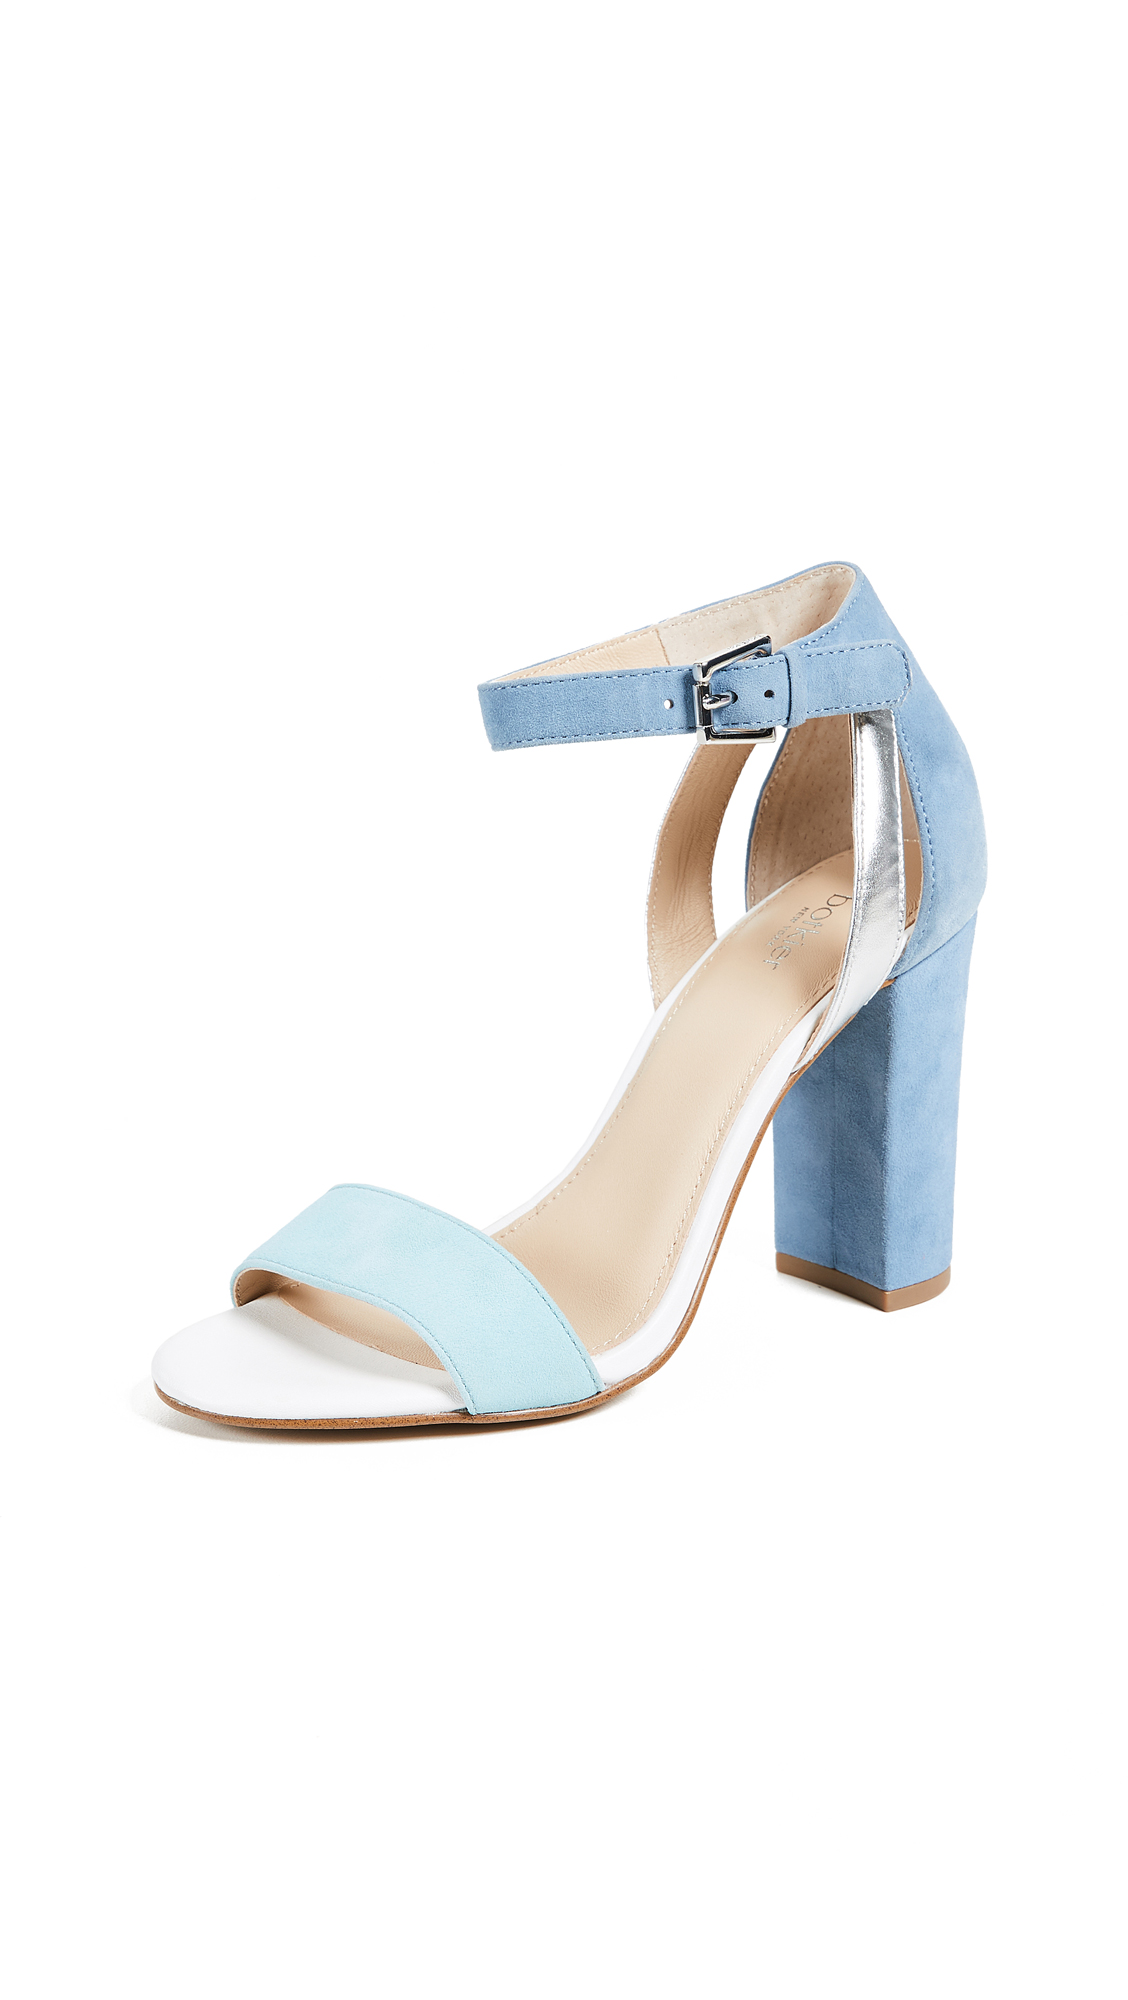 Botkier Gianna Block Heel Sandals - Sky